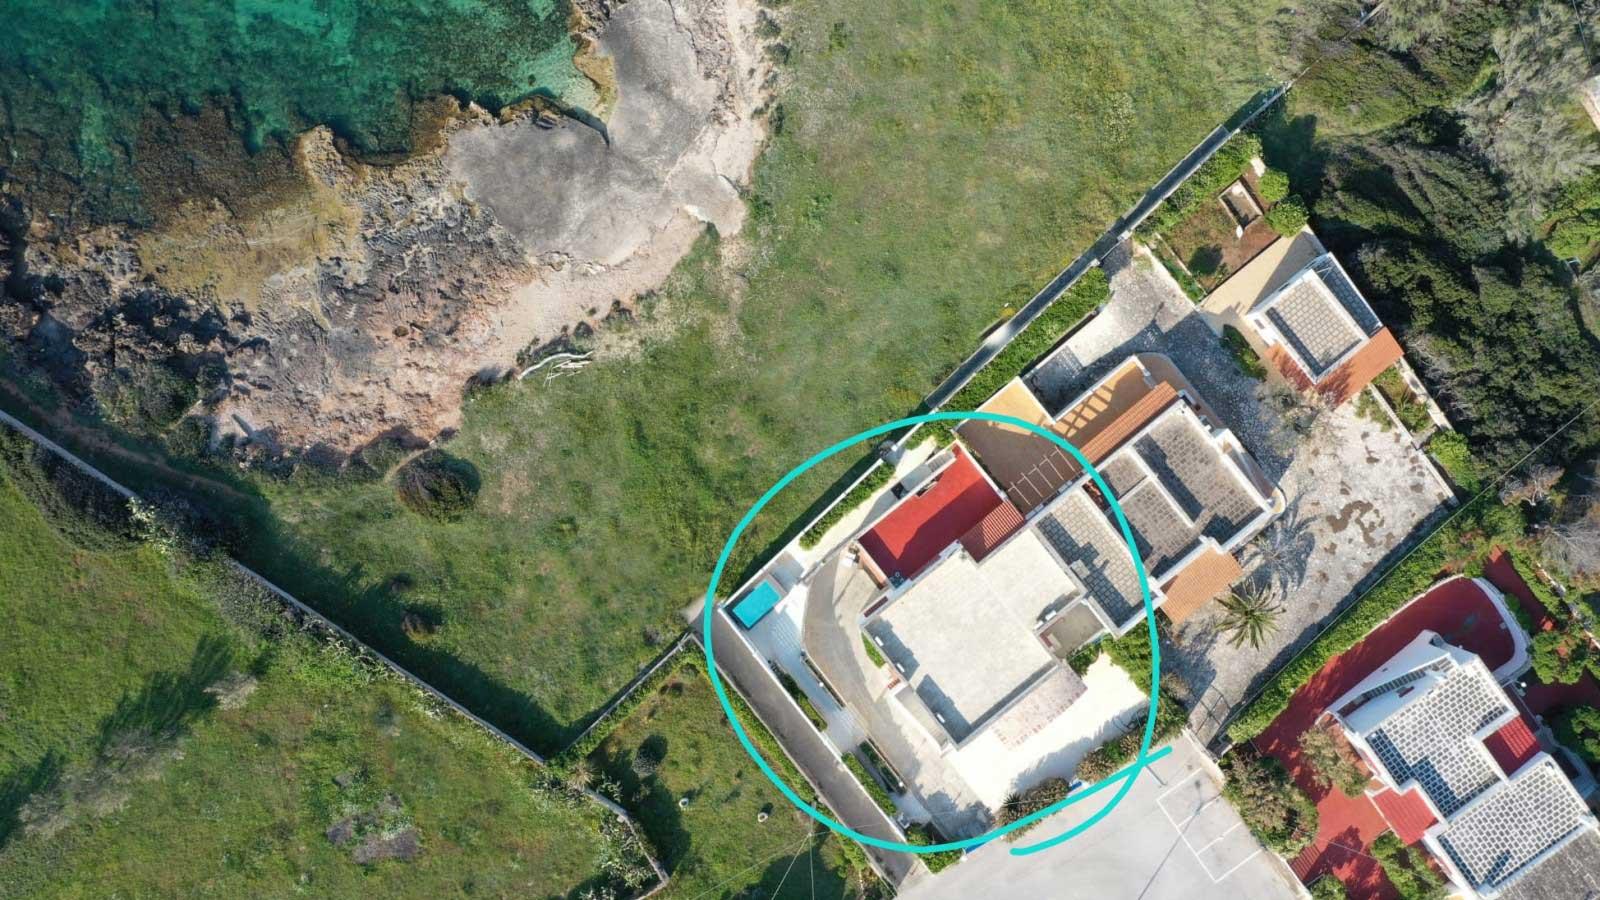 vacanze ostuni villa lairo vista drone